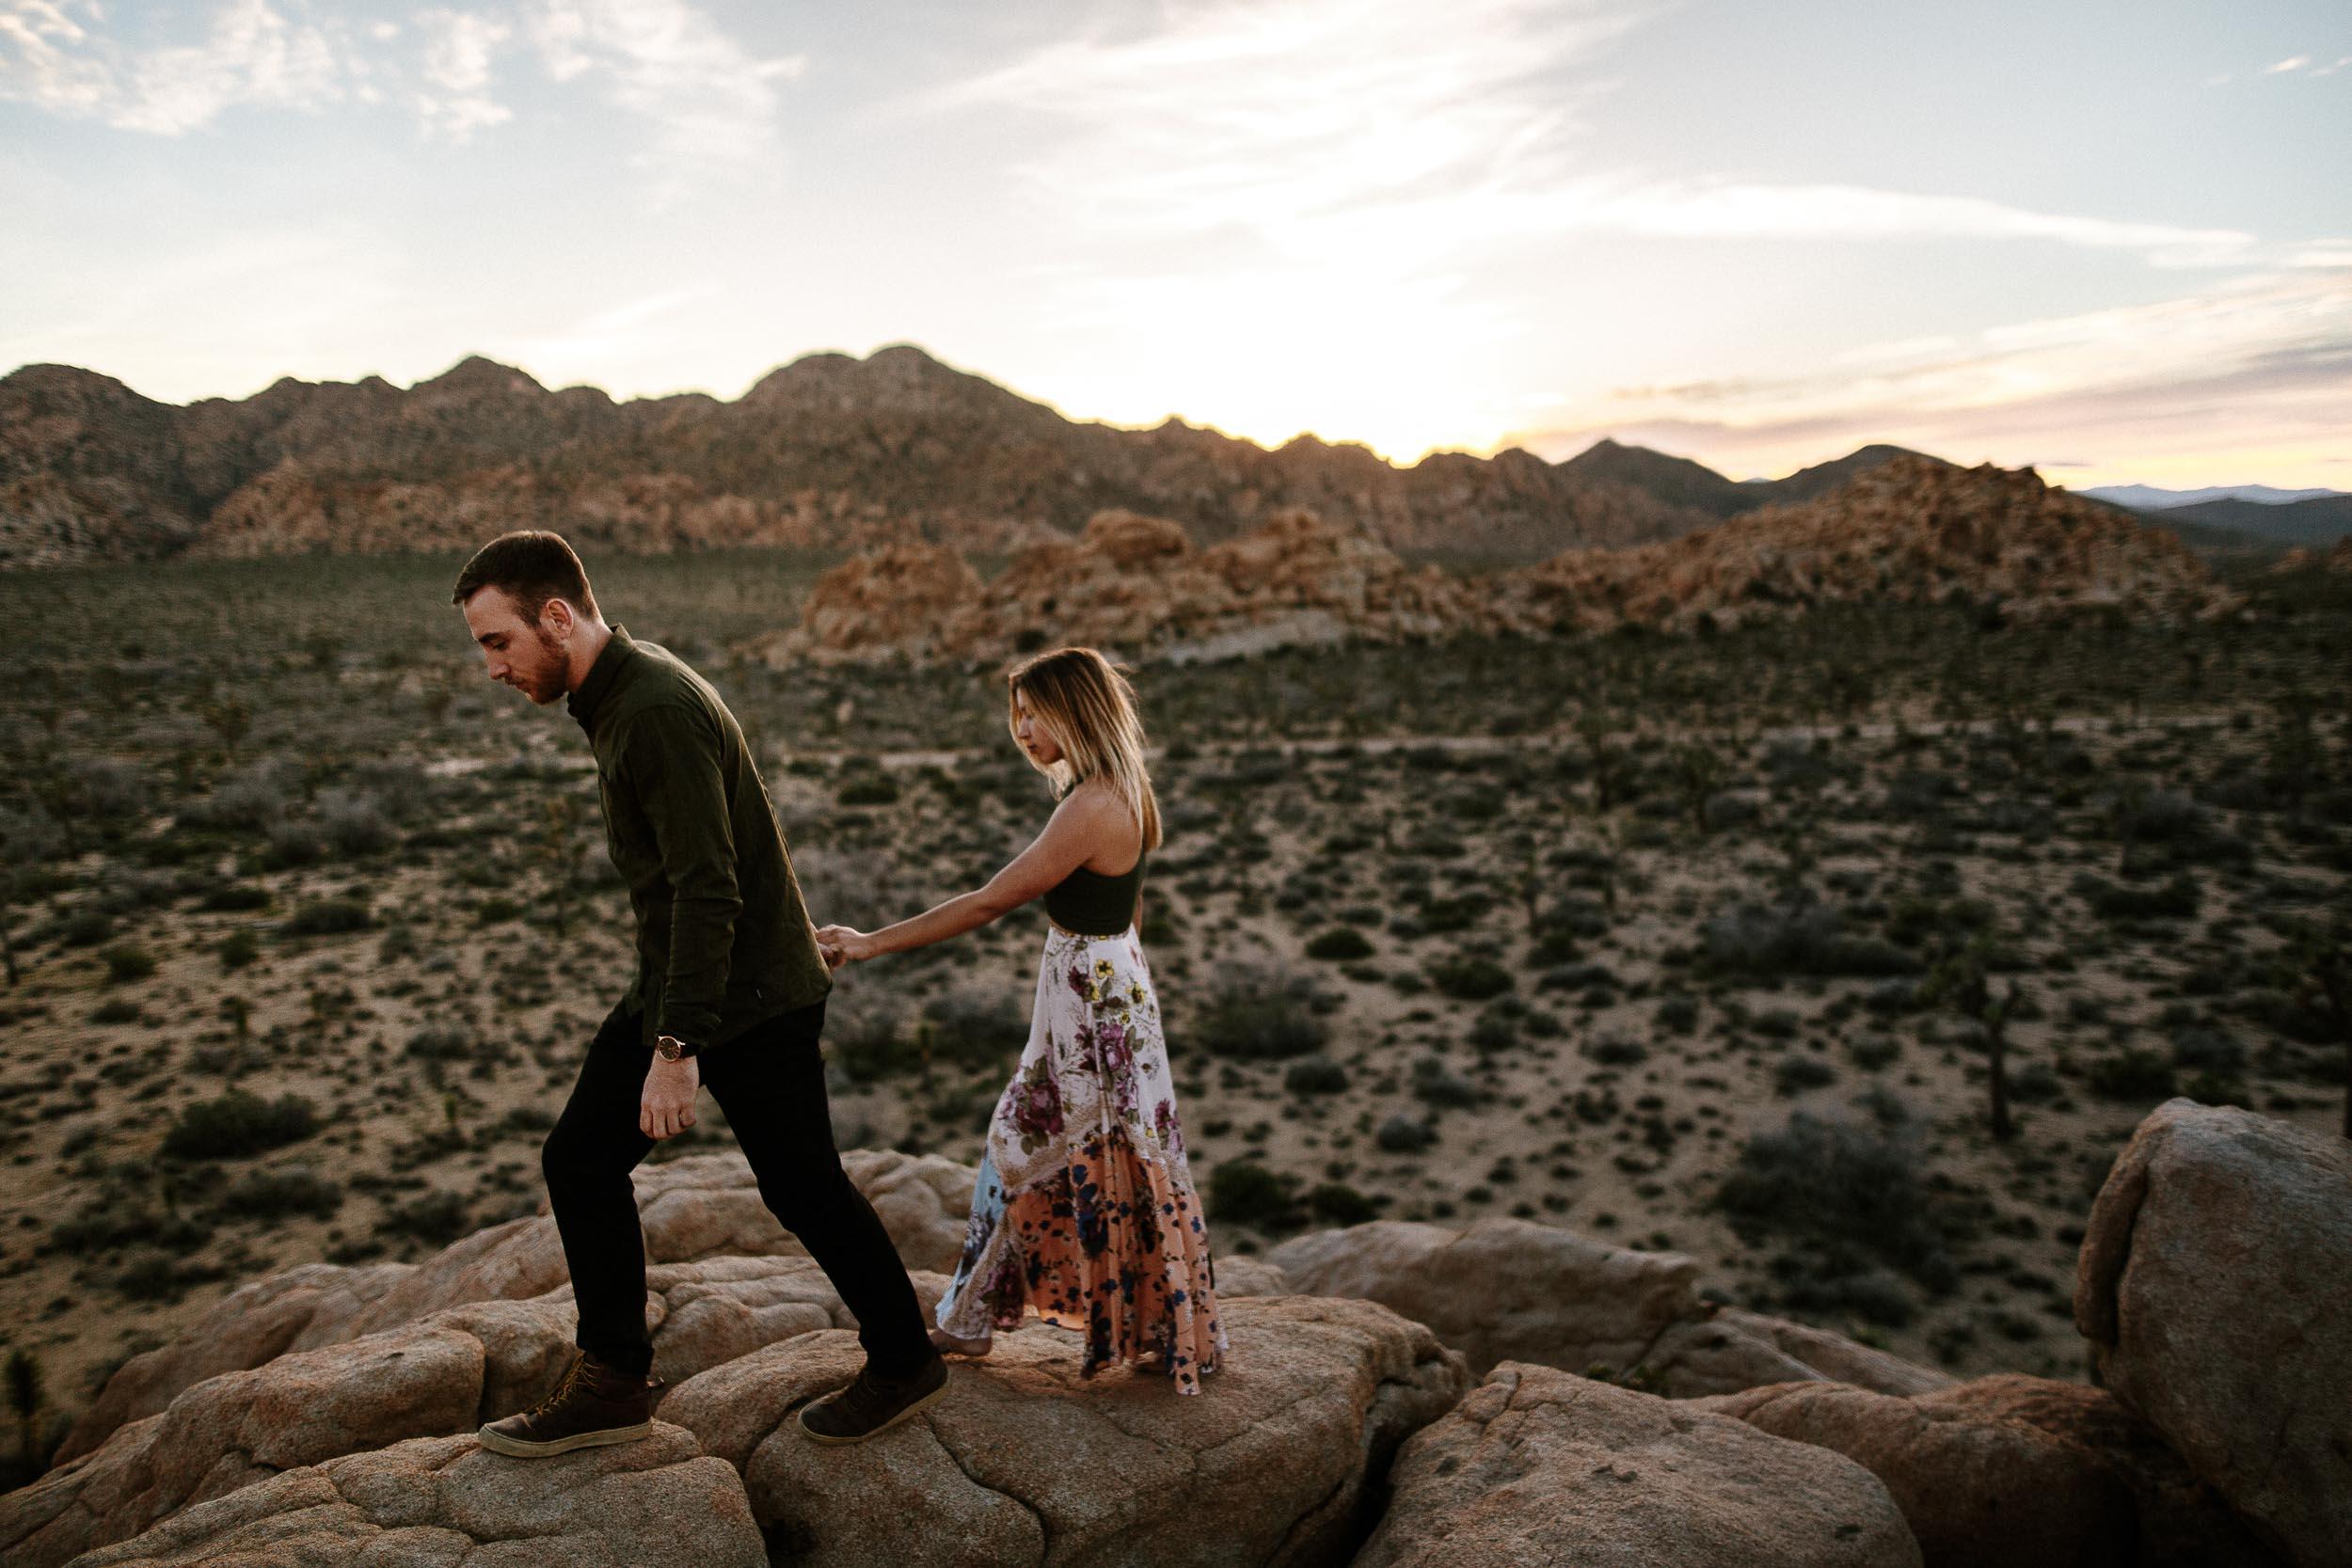 sioux-falls-adventure-wedding-elopement-photographer-michael-liedtke-04.jpg